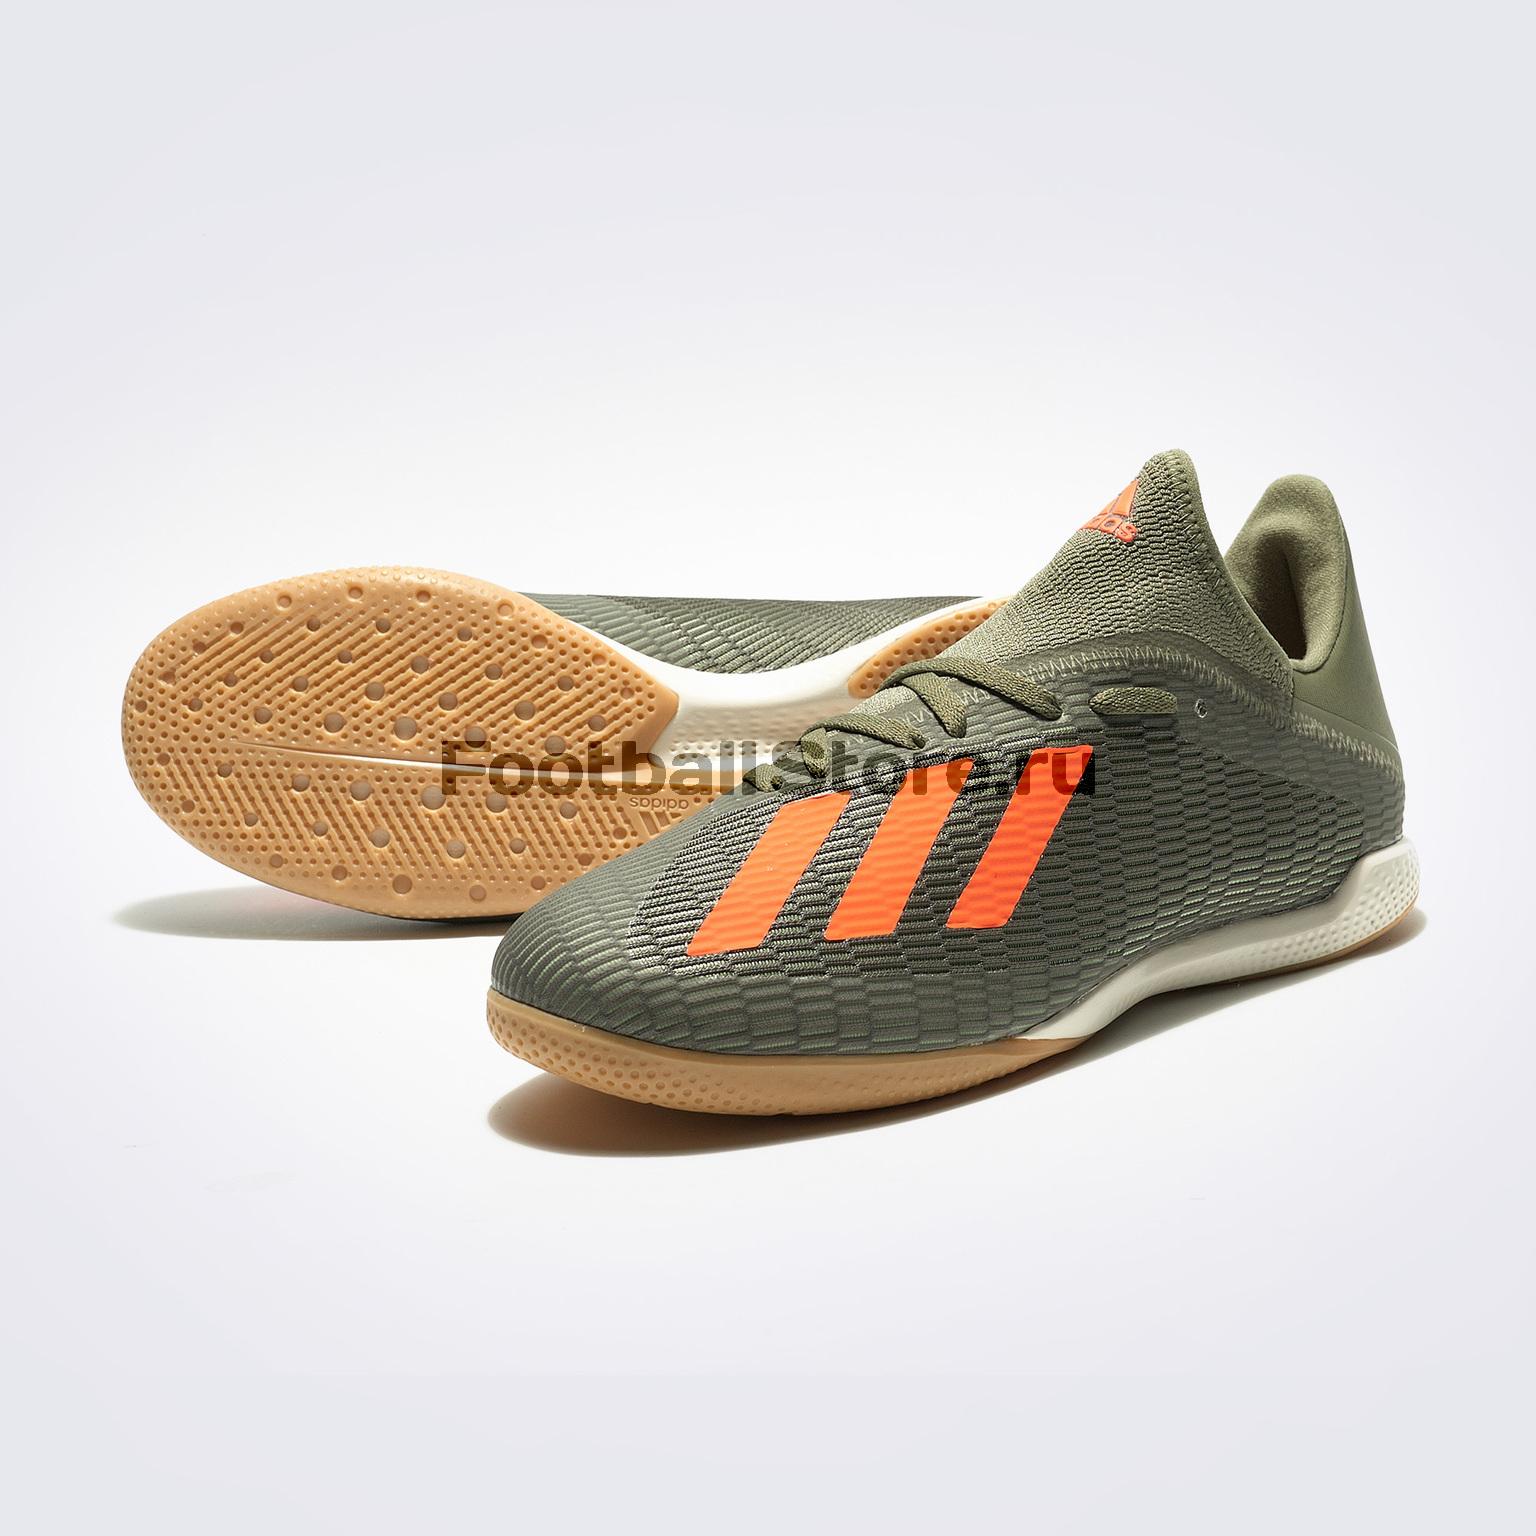 Футзалки Adidas X 19.3 IN EF8367